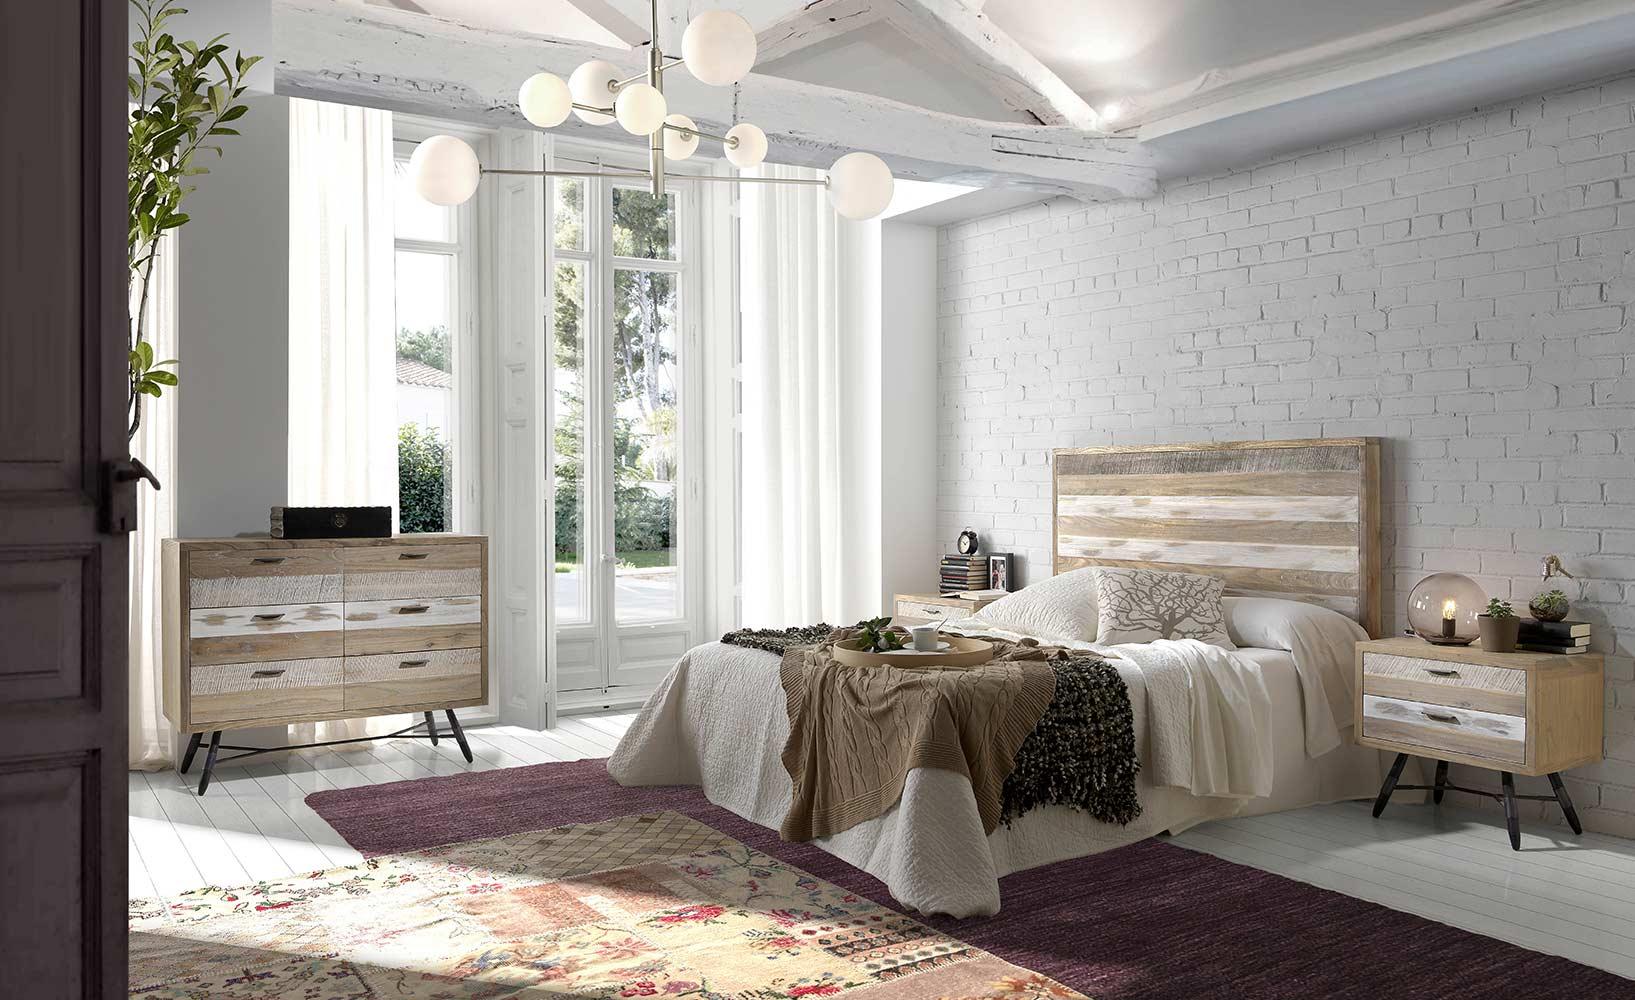 wie sollte das schlafzimmer eingerichtet sein. Black Bedroom Furniture Sets. Home Design Ideas